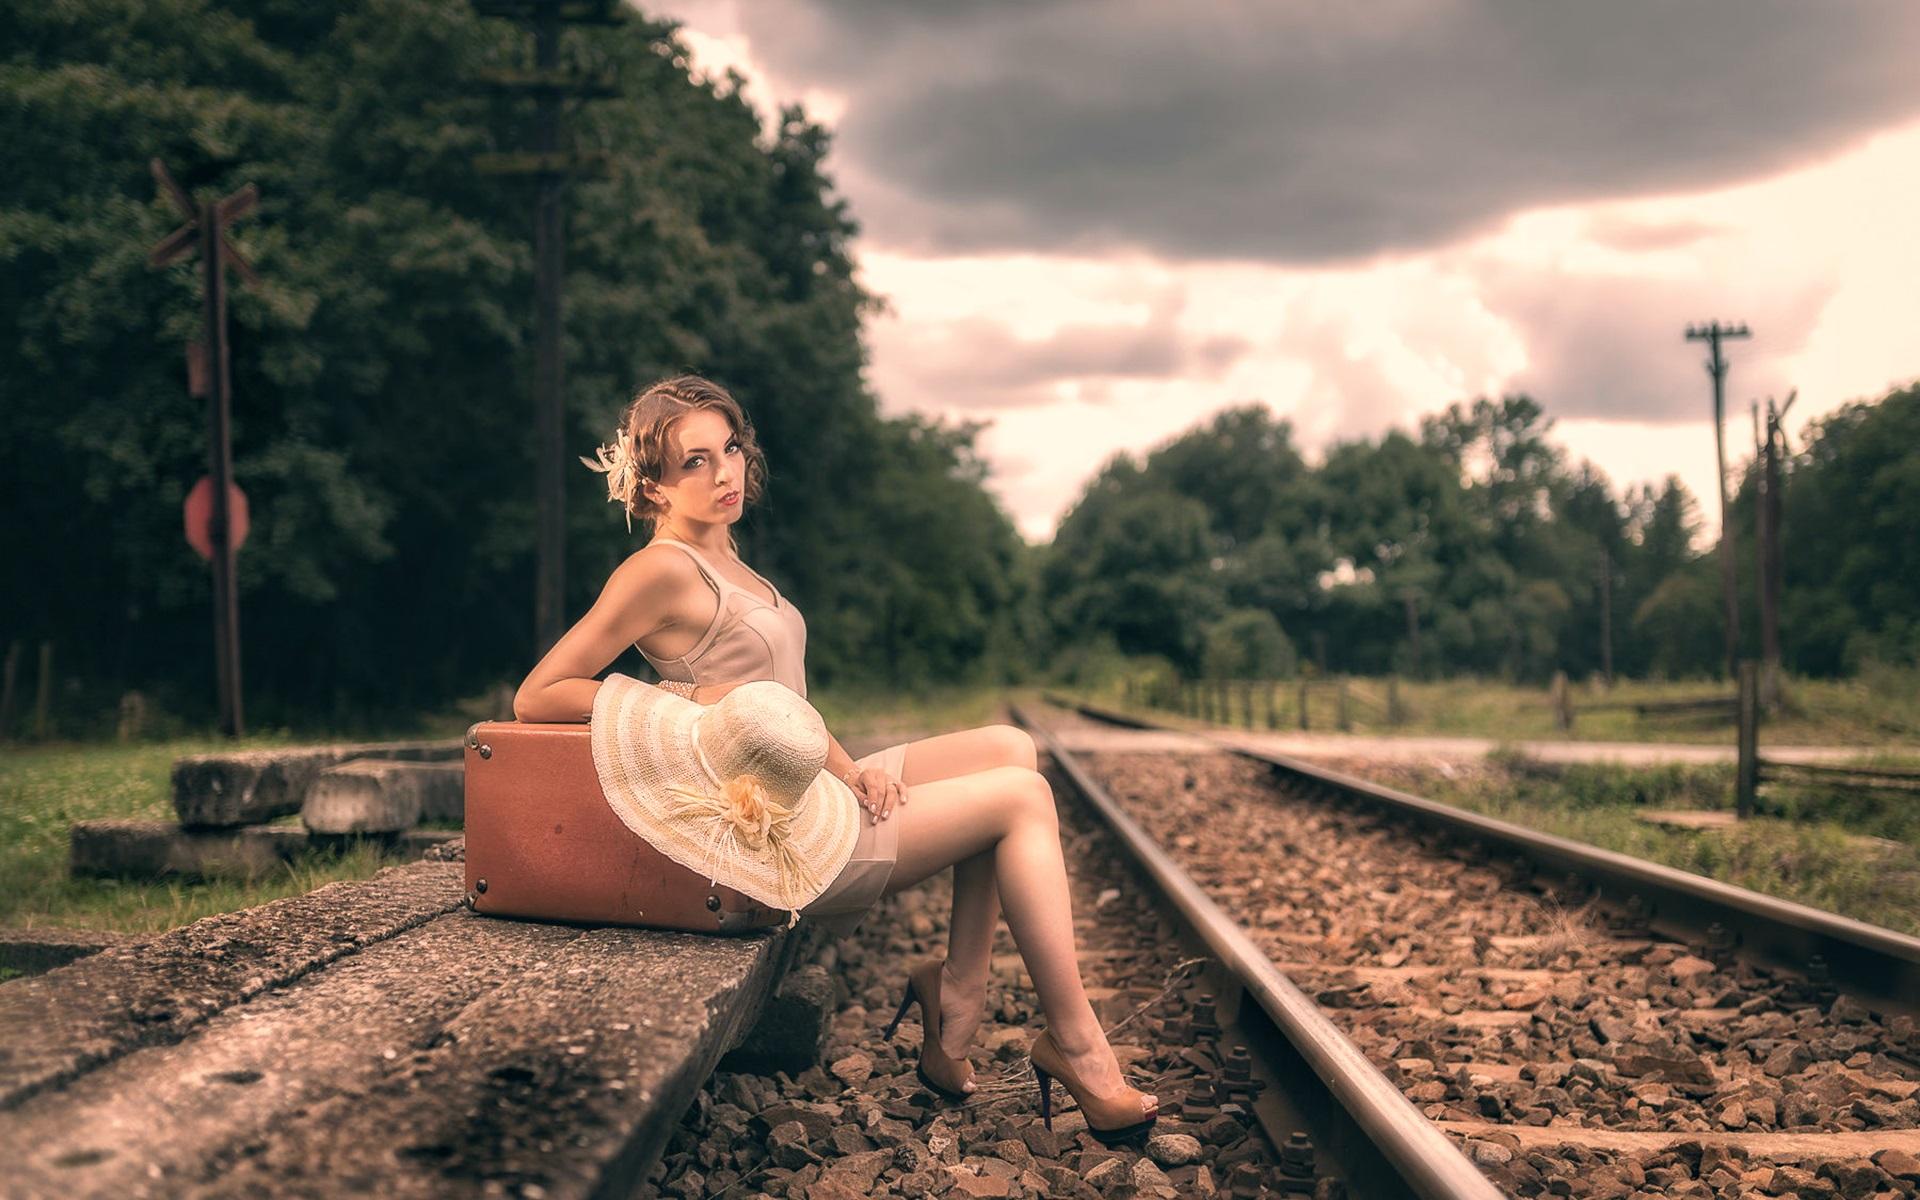 Фото голая голый девушки на железные дороги